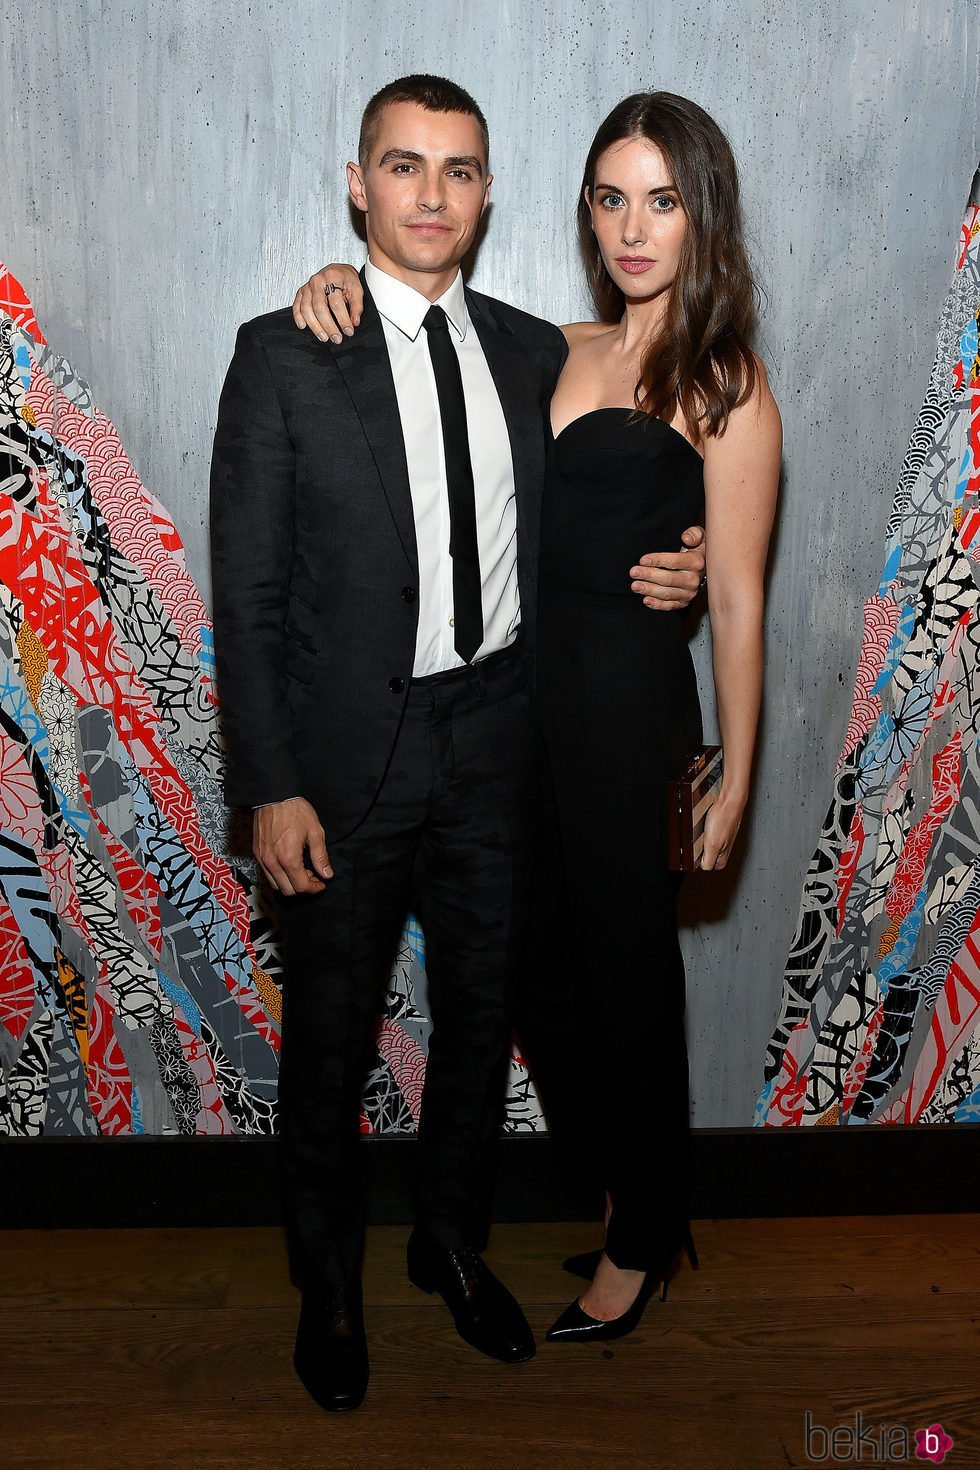 David Franco y Alison Brie en la Premiere de 'Ahora me ves 2'